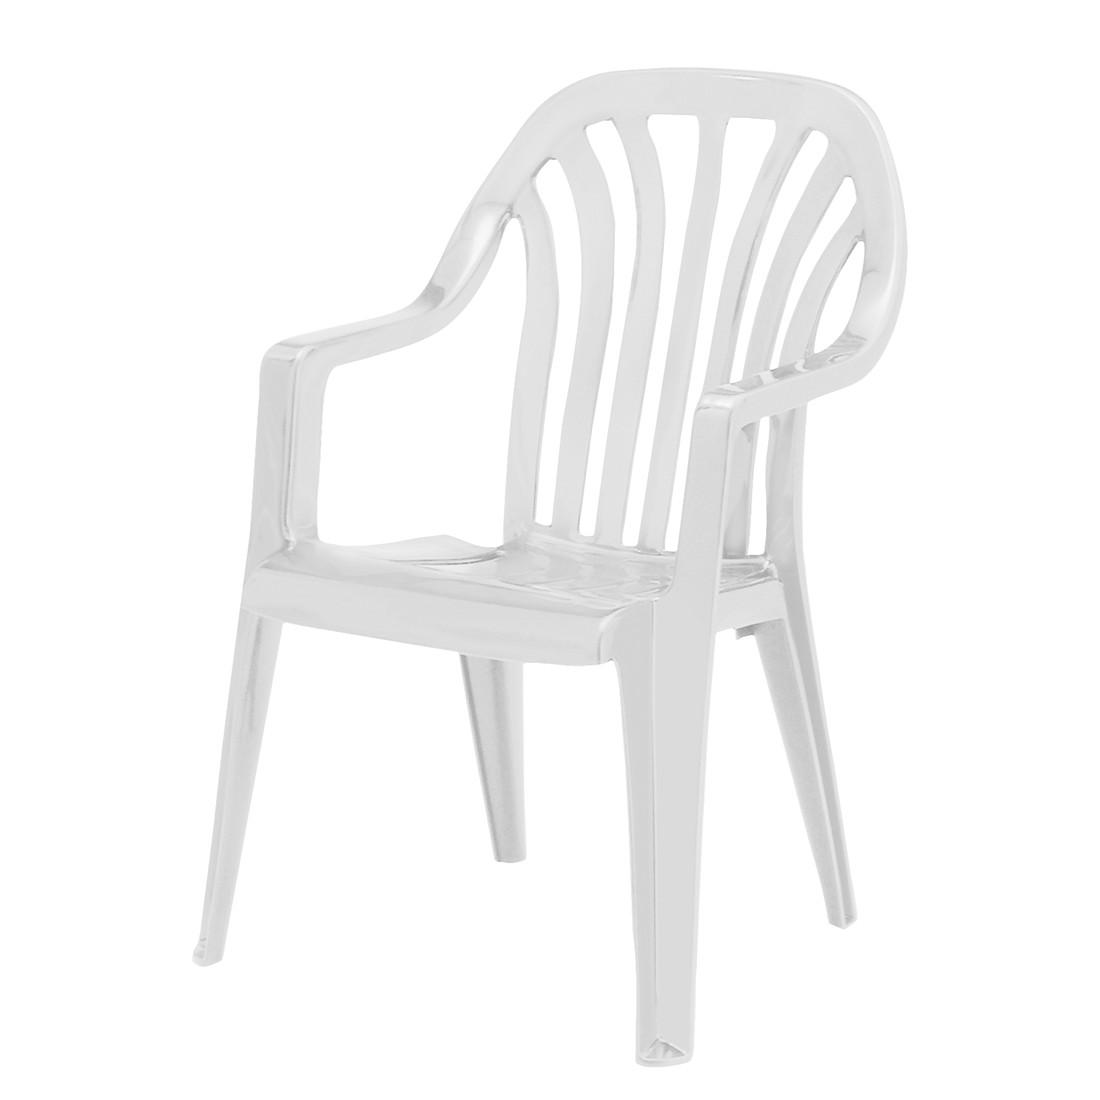 Stapelstuhl Laredo - Kunststoff - Weiß, Best Freizeitmöbel